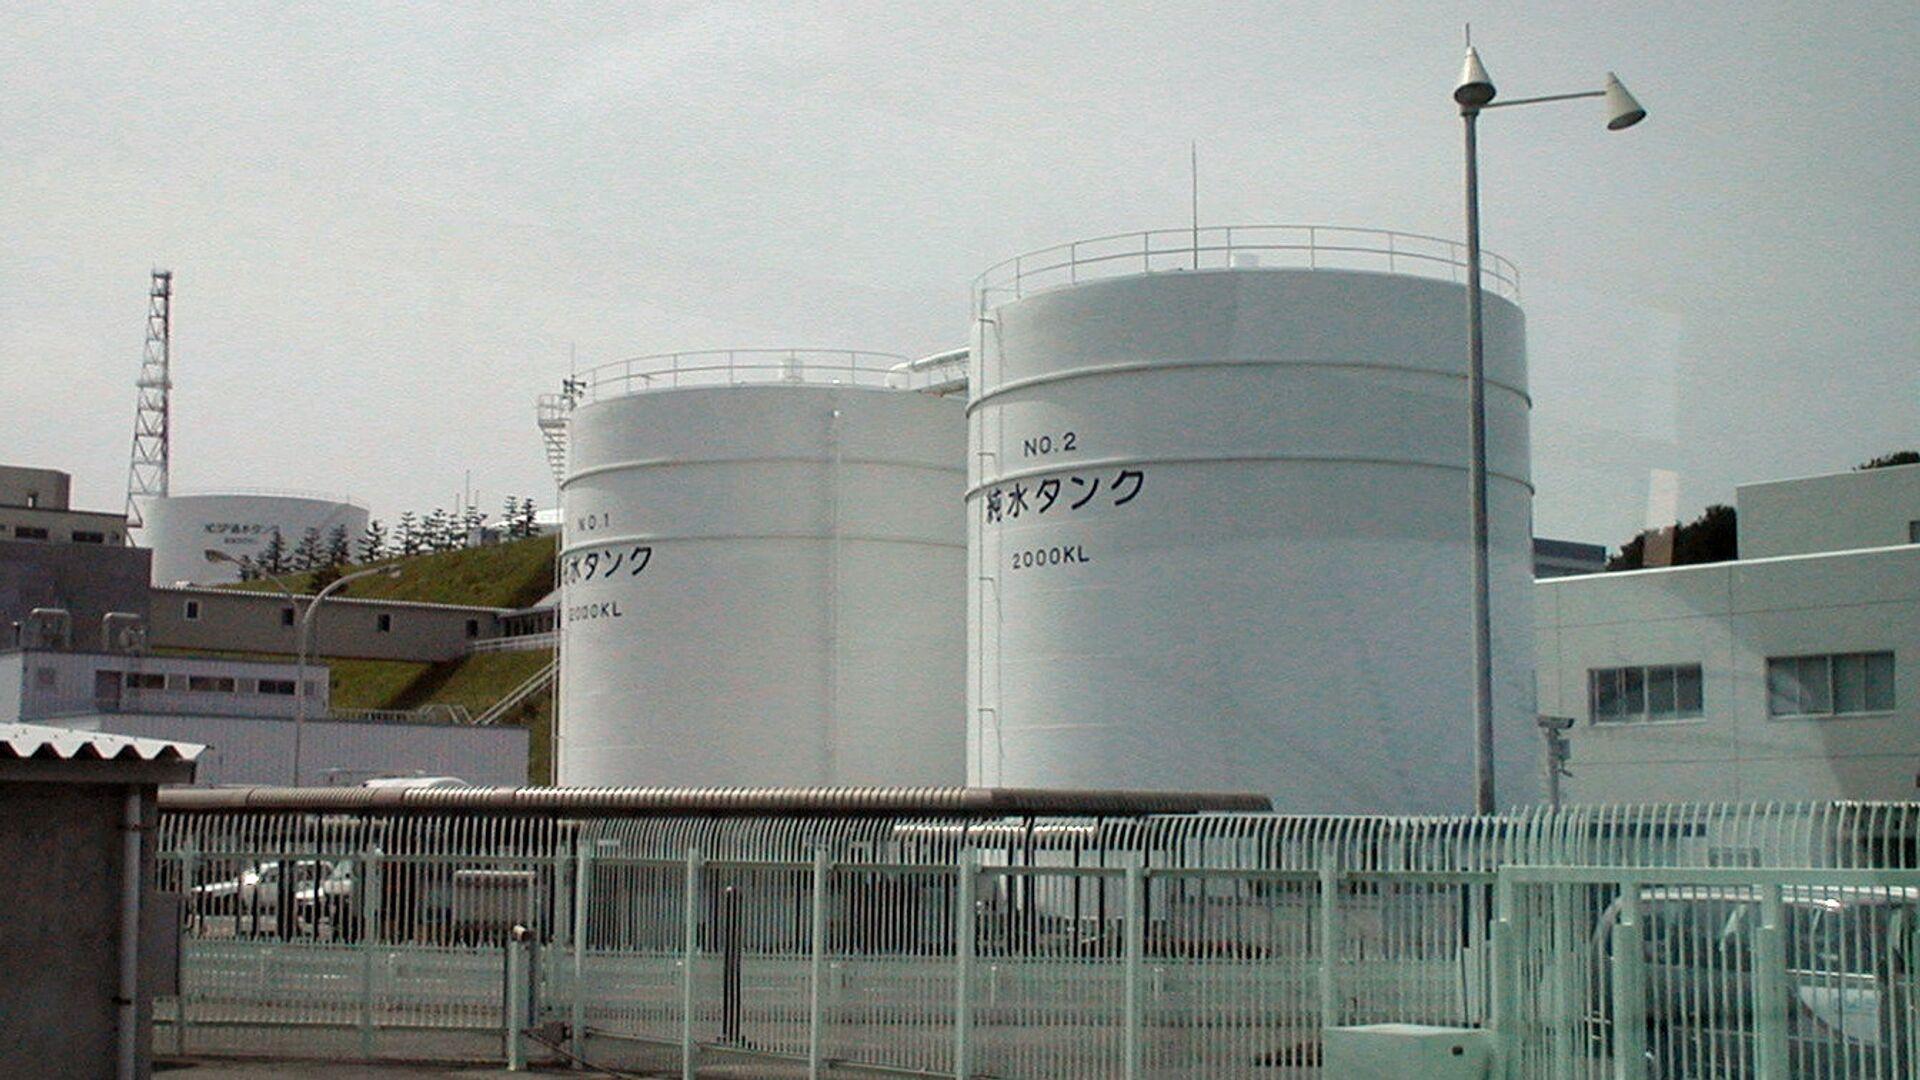 La planta japonesa de Fukushima. - Sputnik Mundo, 1920, 22.09.2021